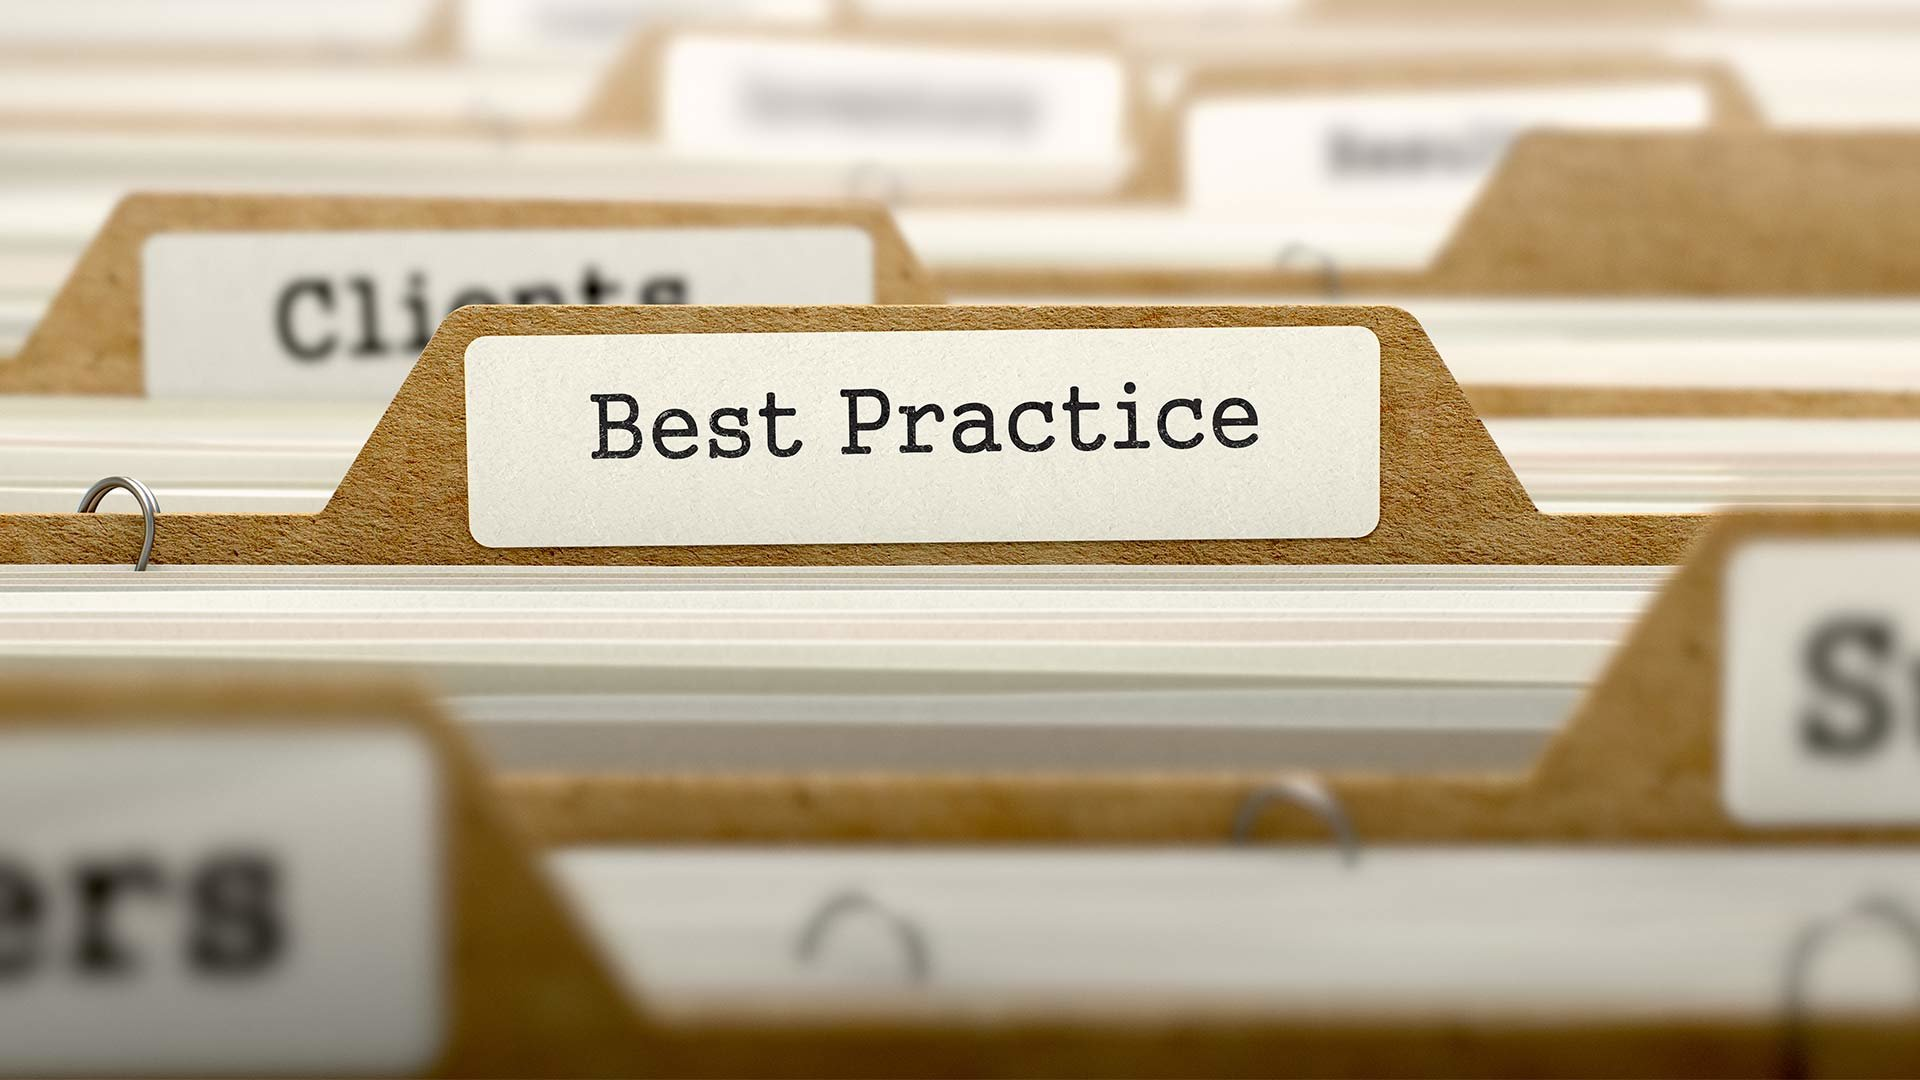 intecentives les bonnes pratiques à appliquer